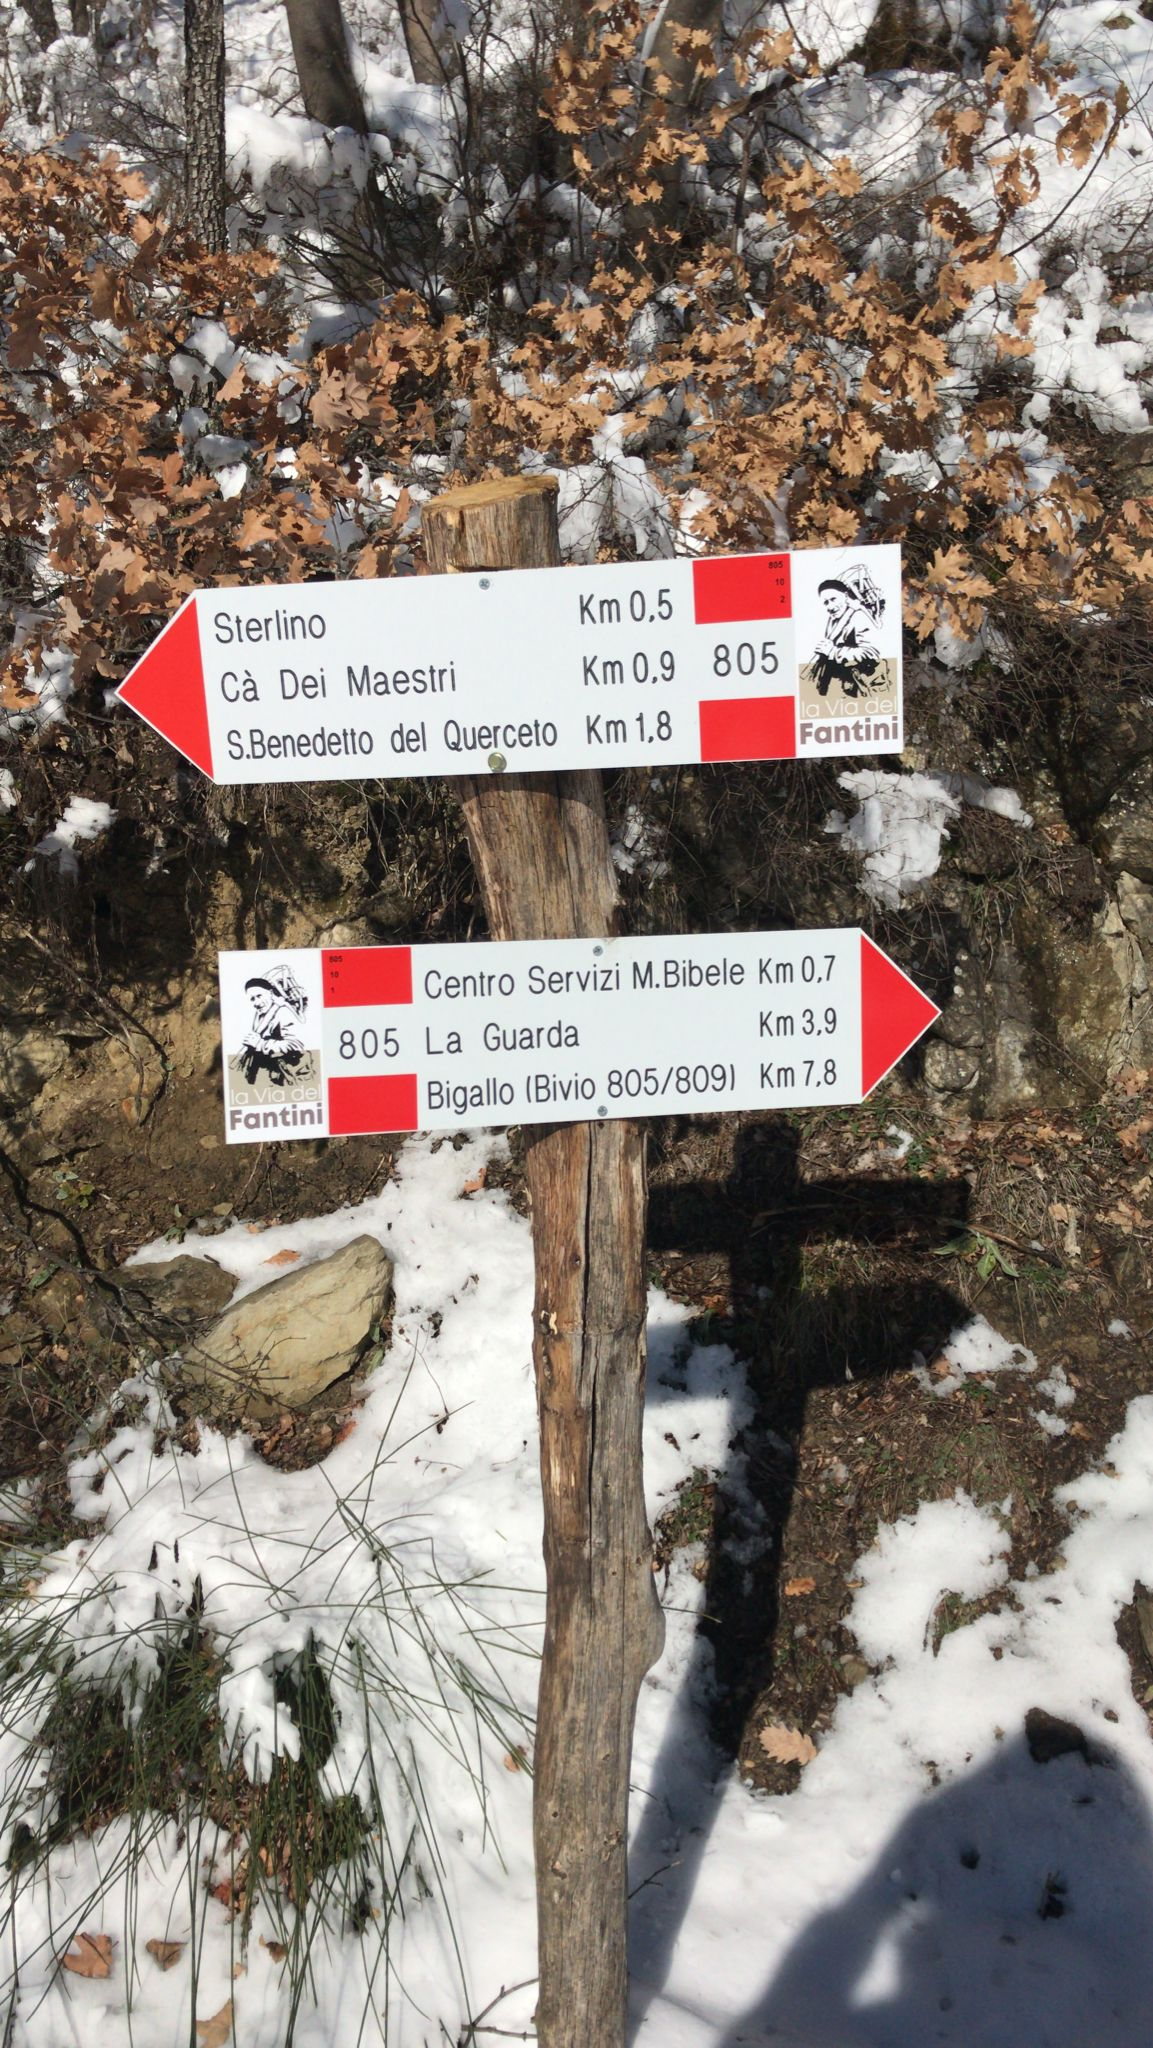 Cartello del sentiero via del fantini